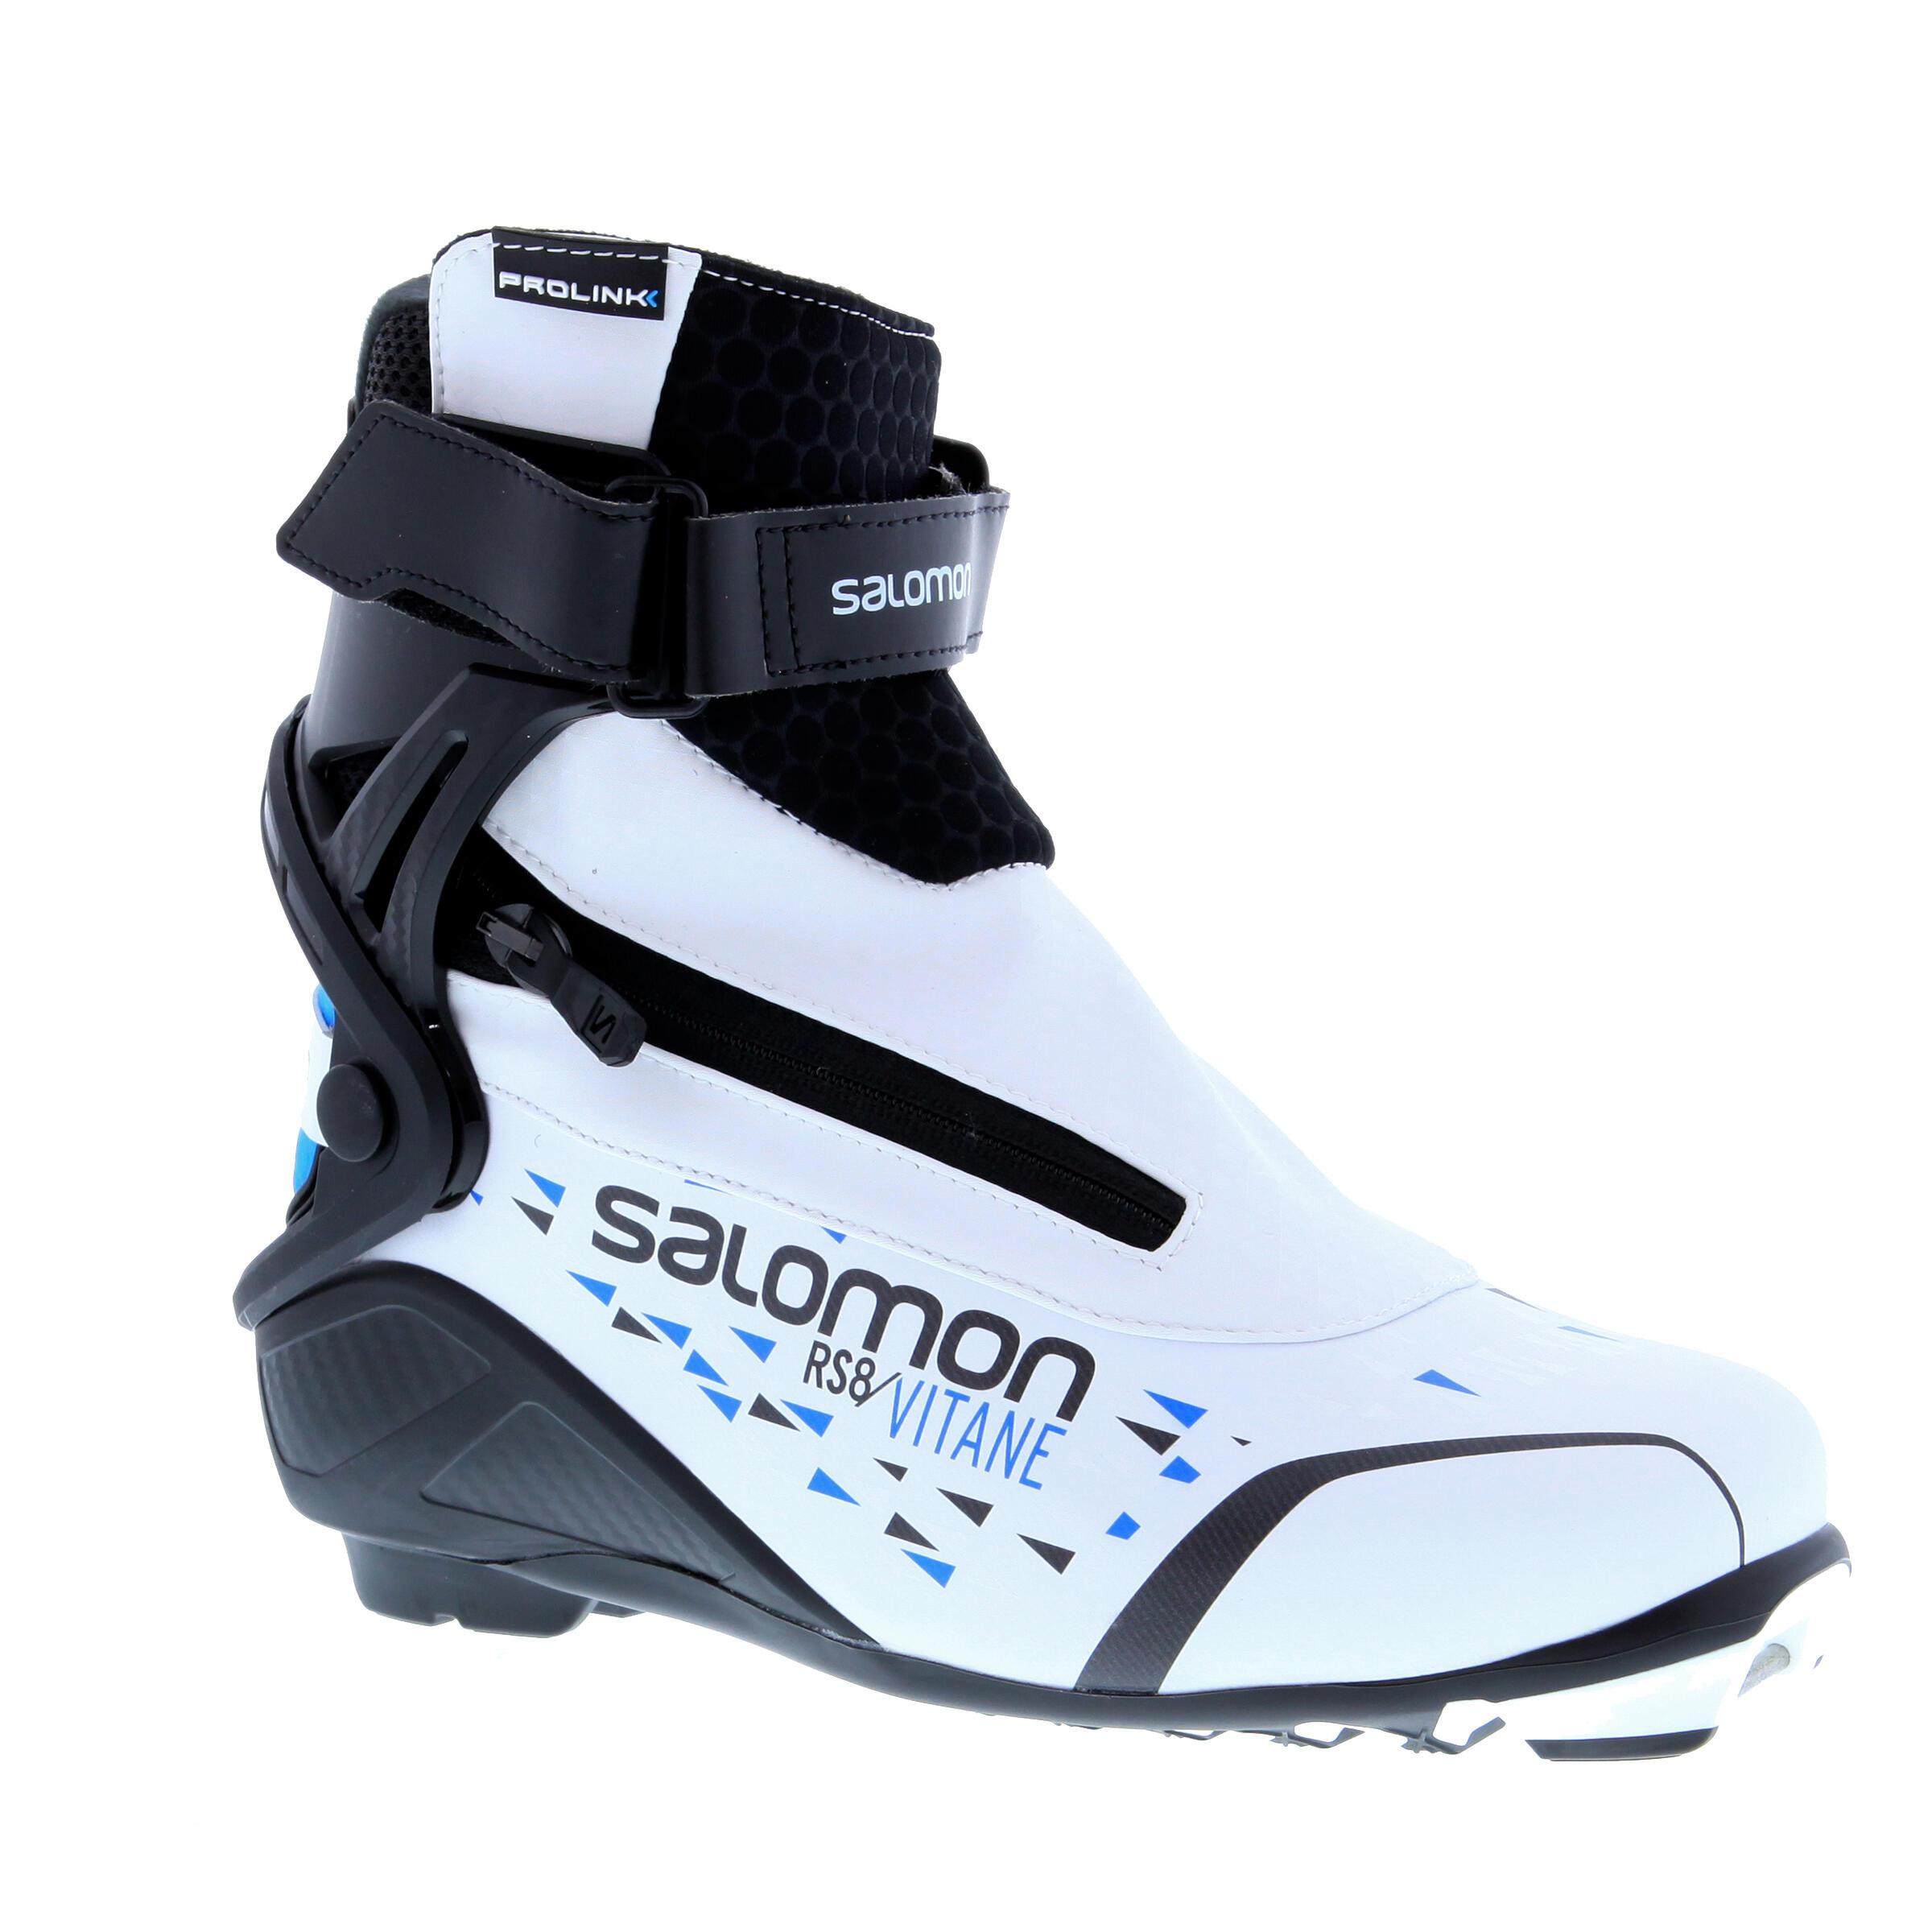 Salomon Skating langlaufschoenen voor dames XC S Vitane RS8